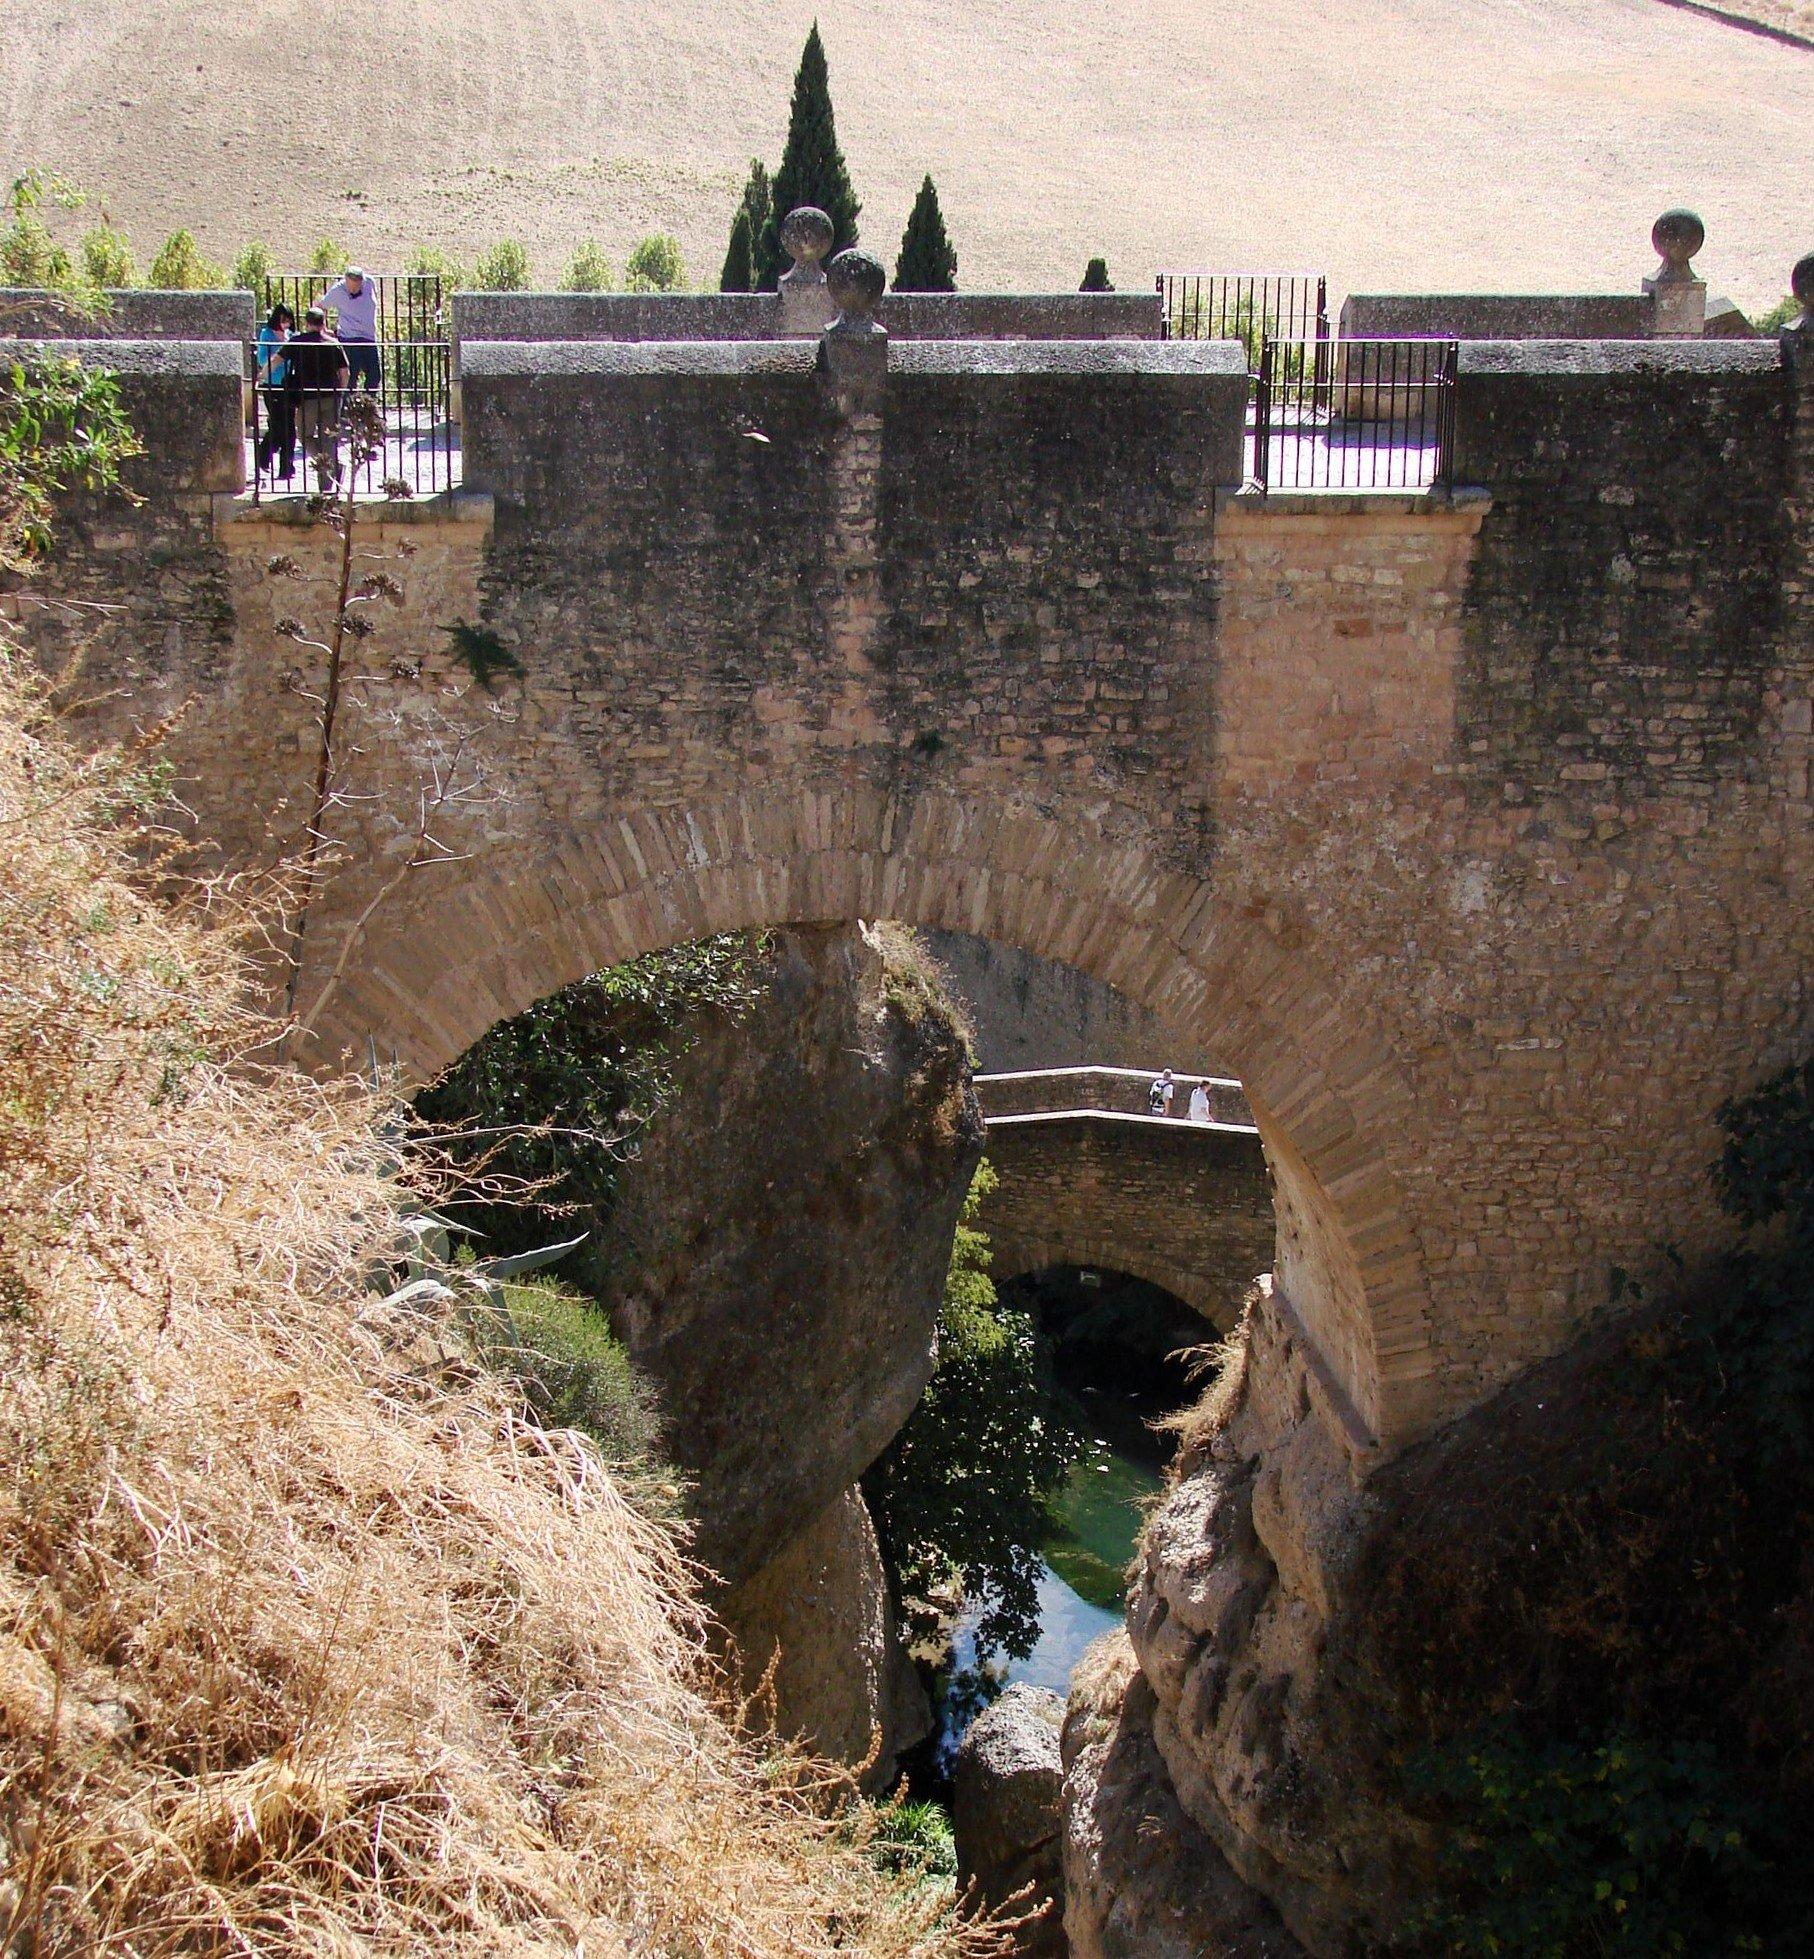 Puente Viejo Spagna Cartina.Puente Viejo Wikipedia